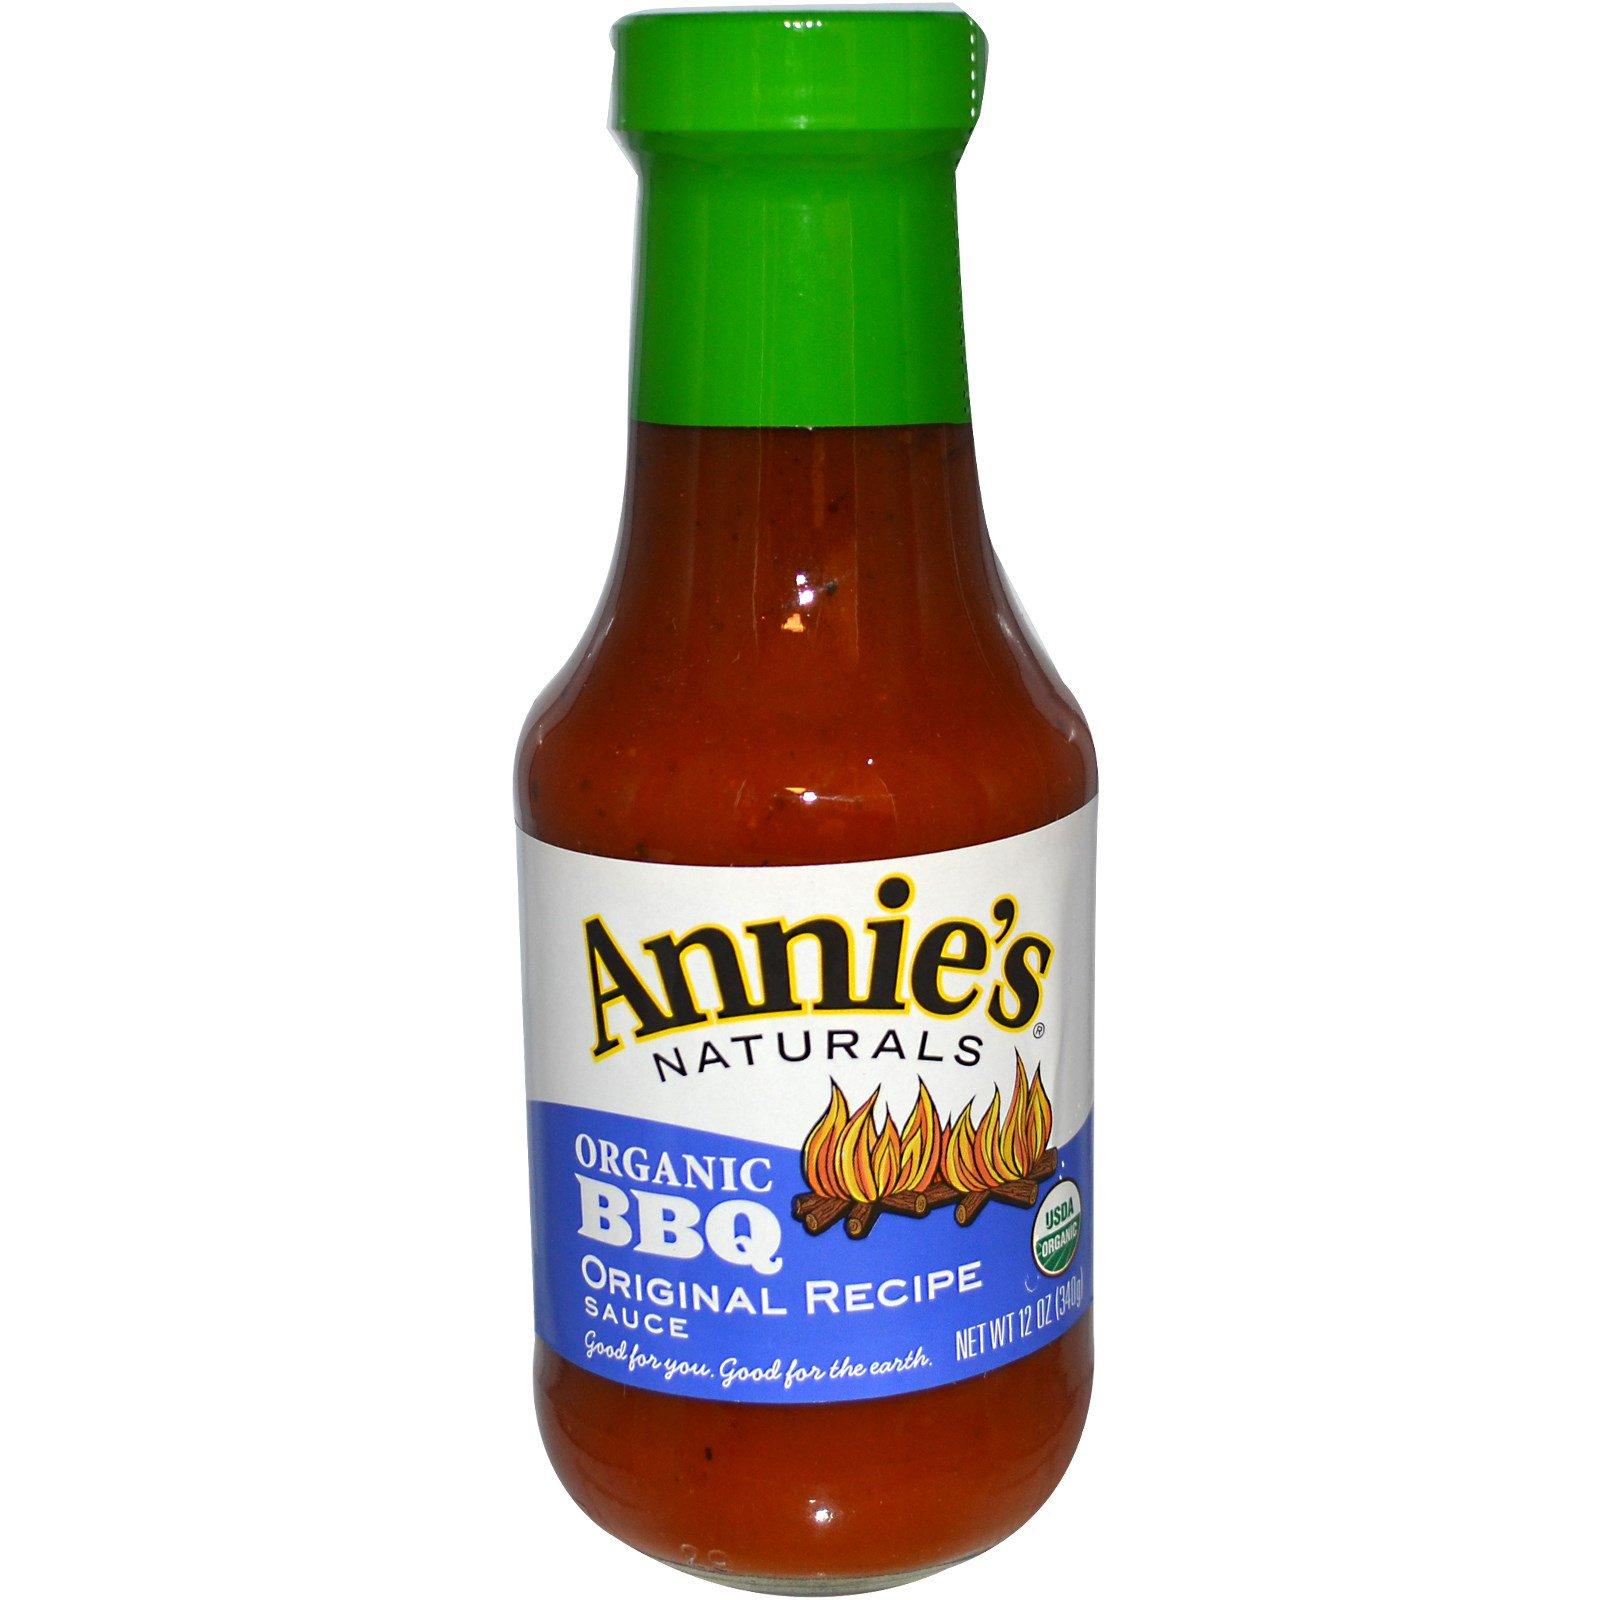 Annie's Naturals, Organic BBQ, Original Recipe Sauce, 12